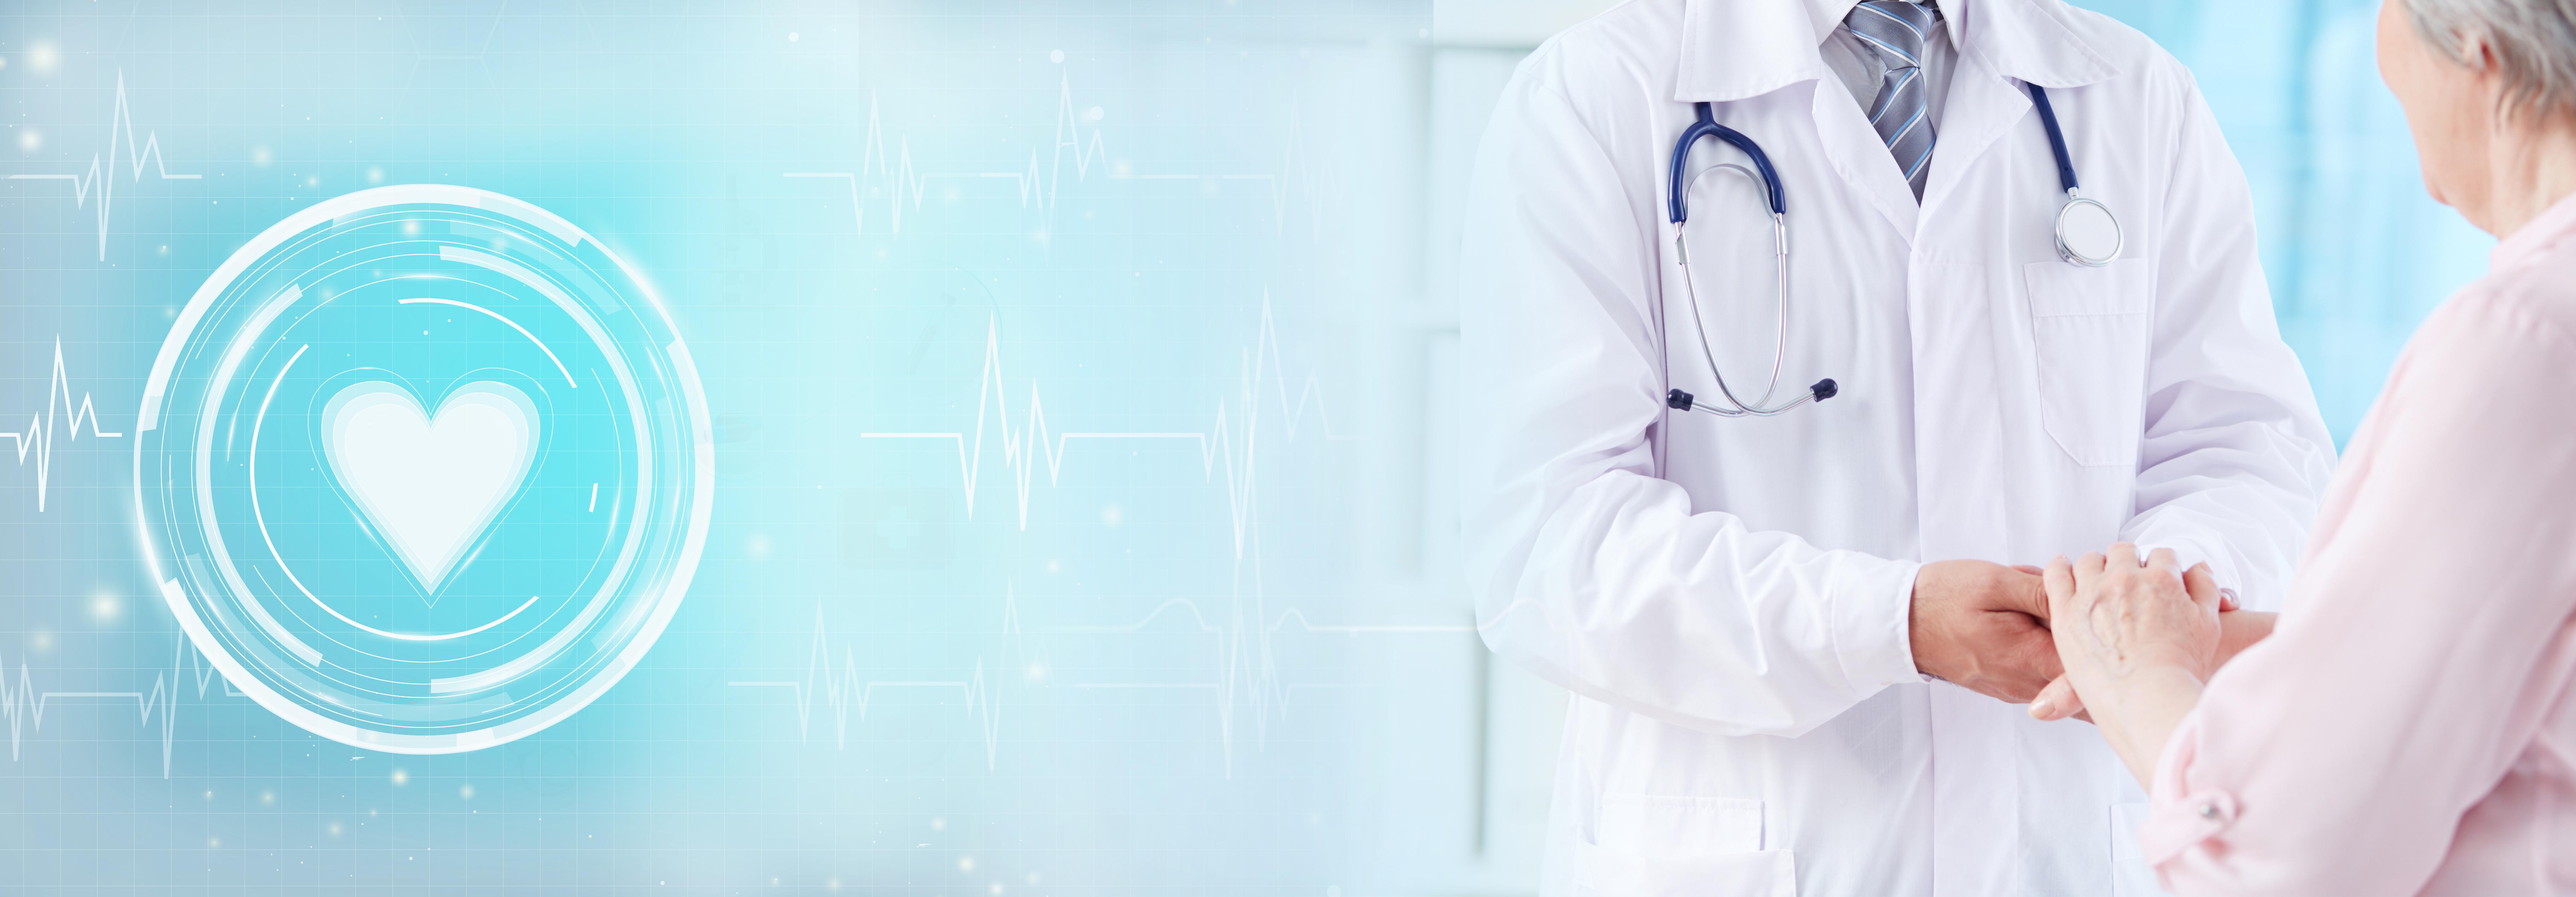 补充医保是什么意思?